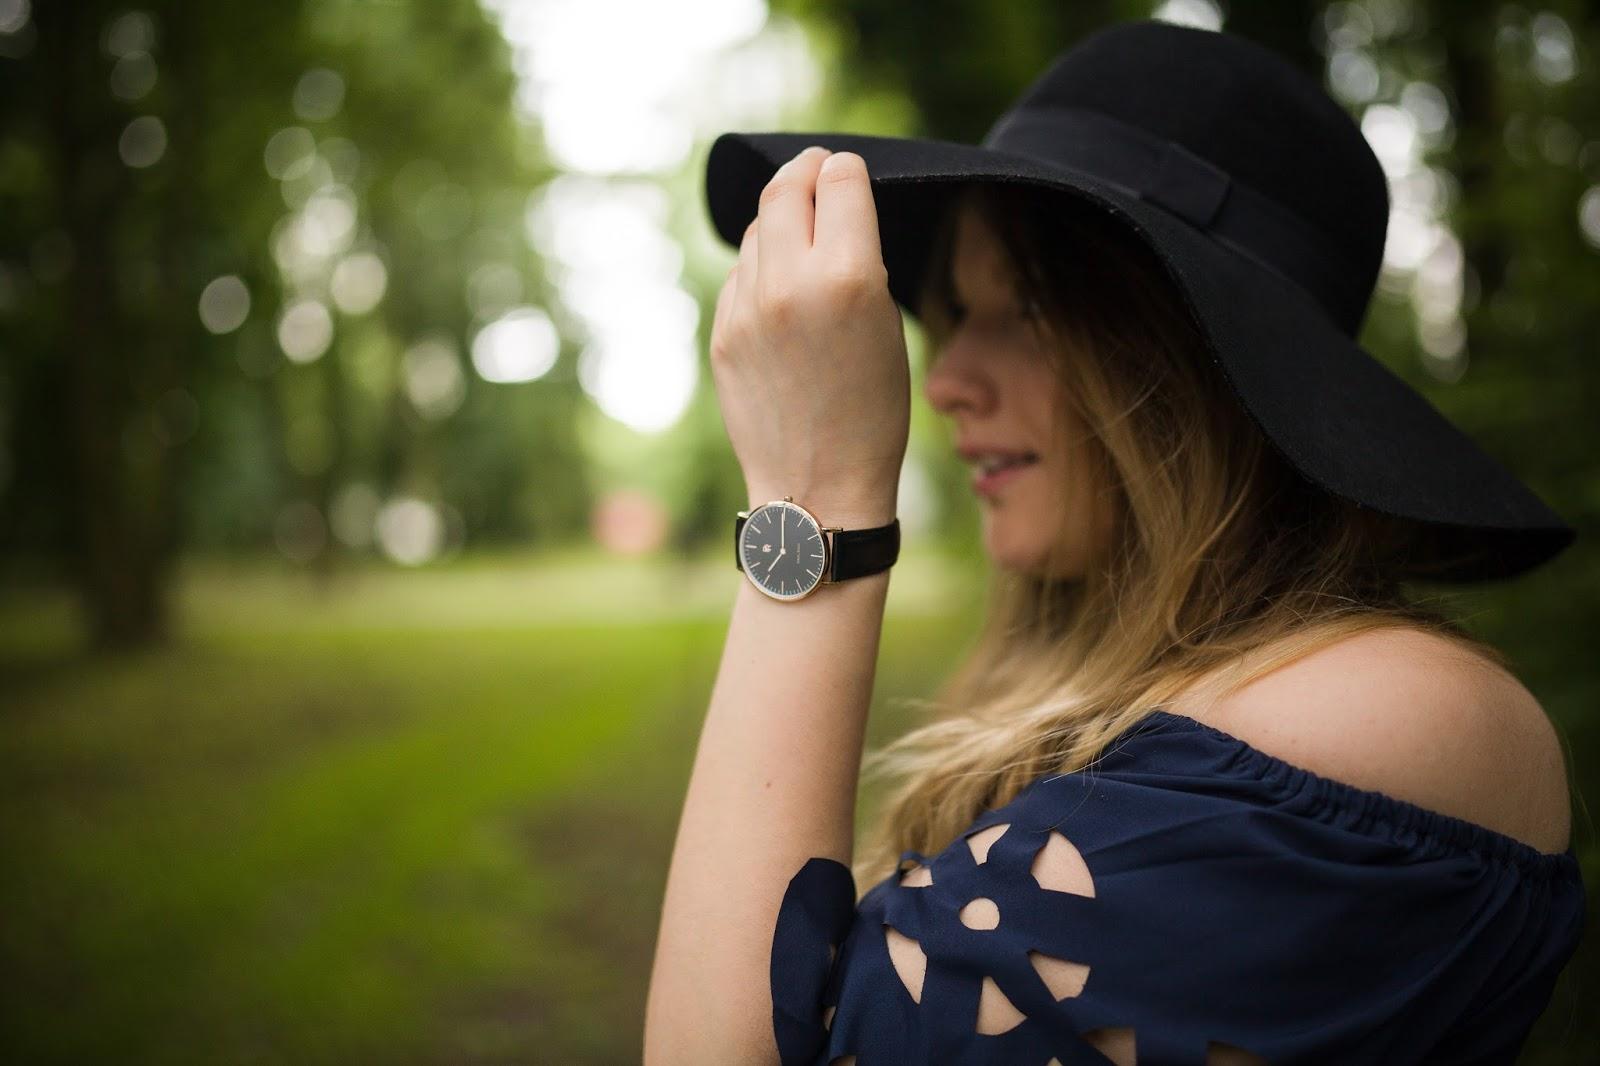 2 Off The Shoulder Flared Dress zaful paul rich watch hat sukienka zaful opinie recenzja buty łuków ażurowa hiszpanka granatowa baletki zegarek ootd lookbook fashionblogger blog modowy lifestyle